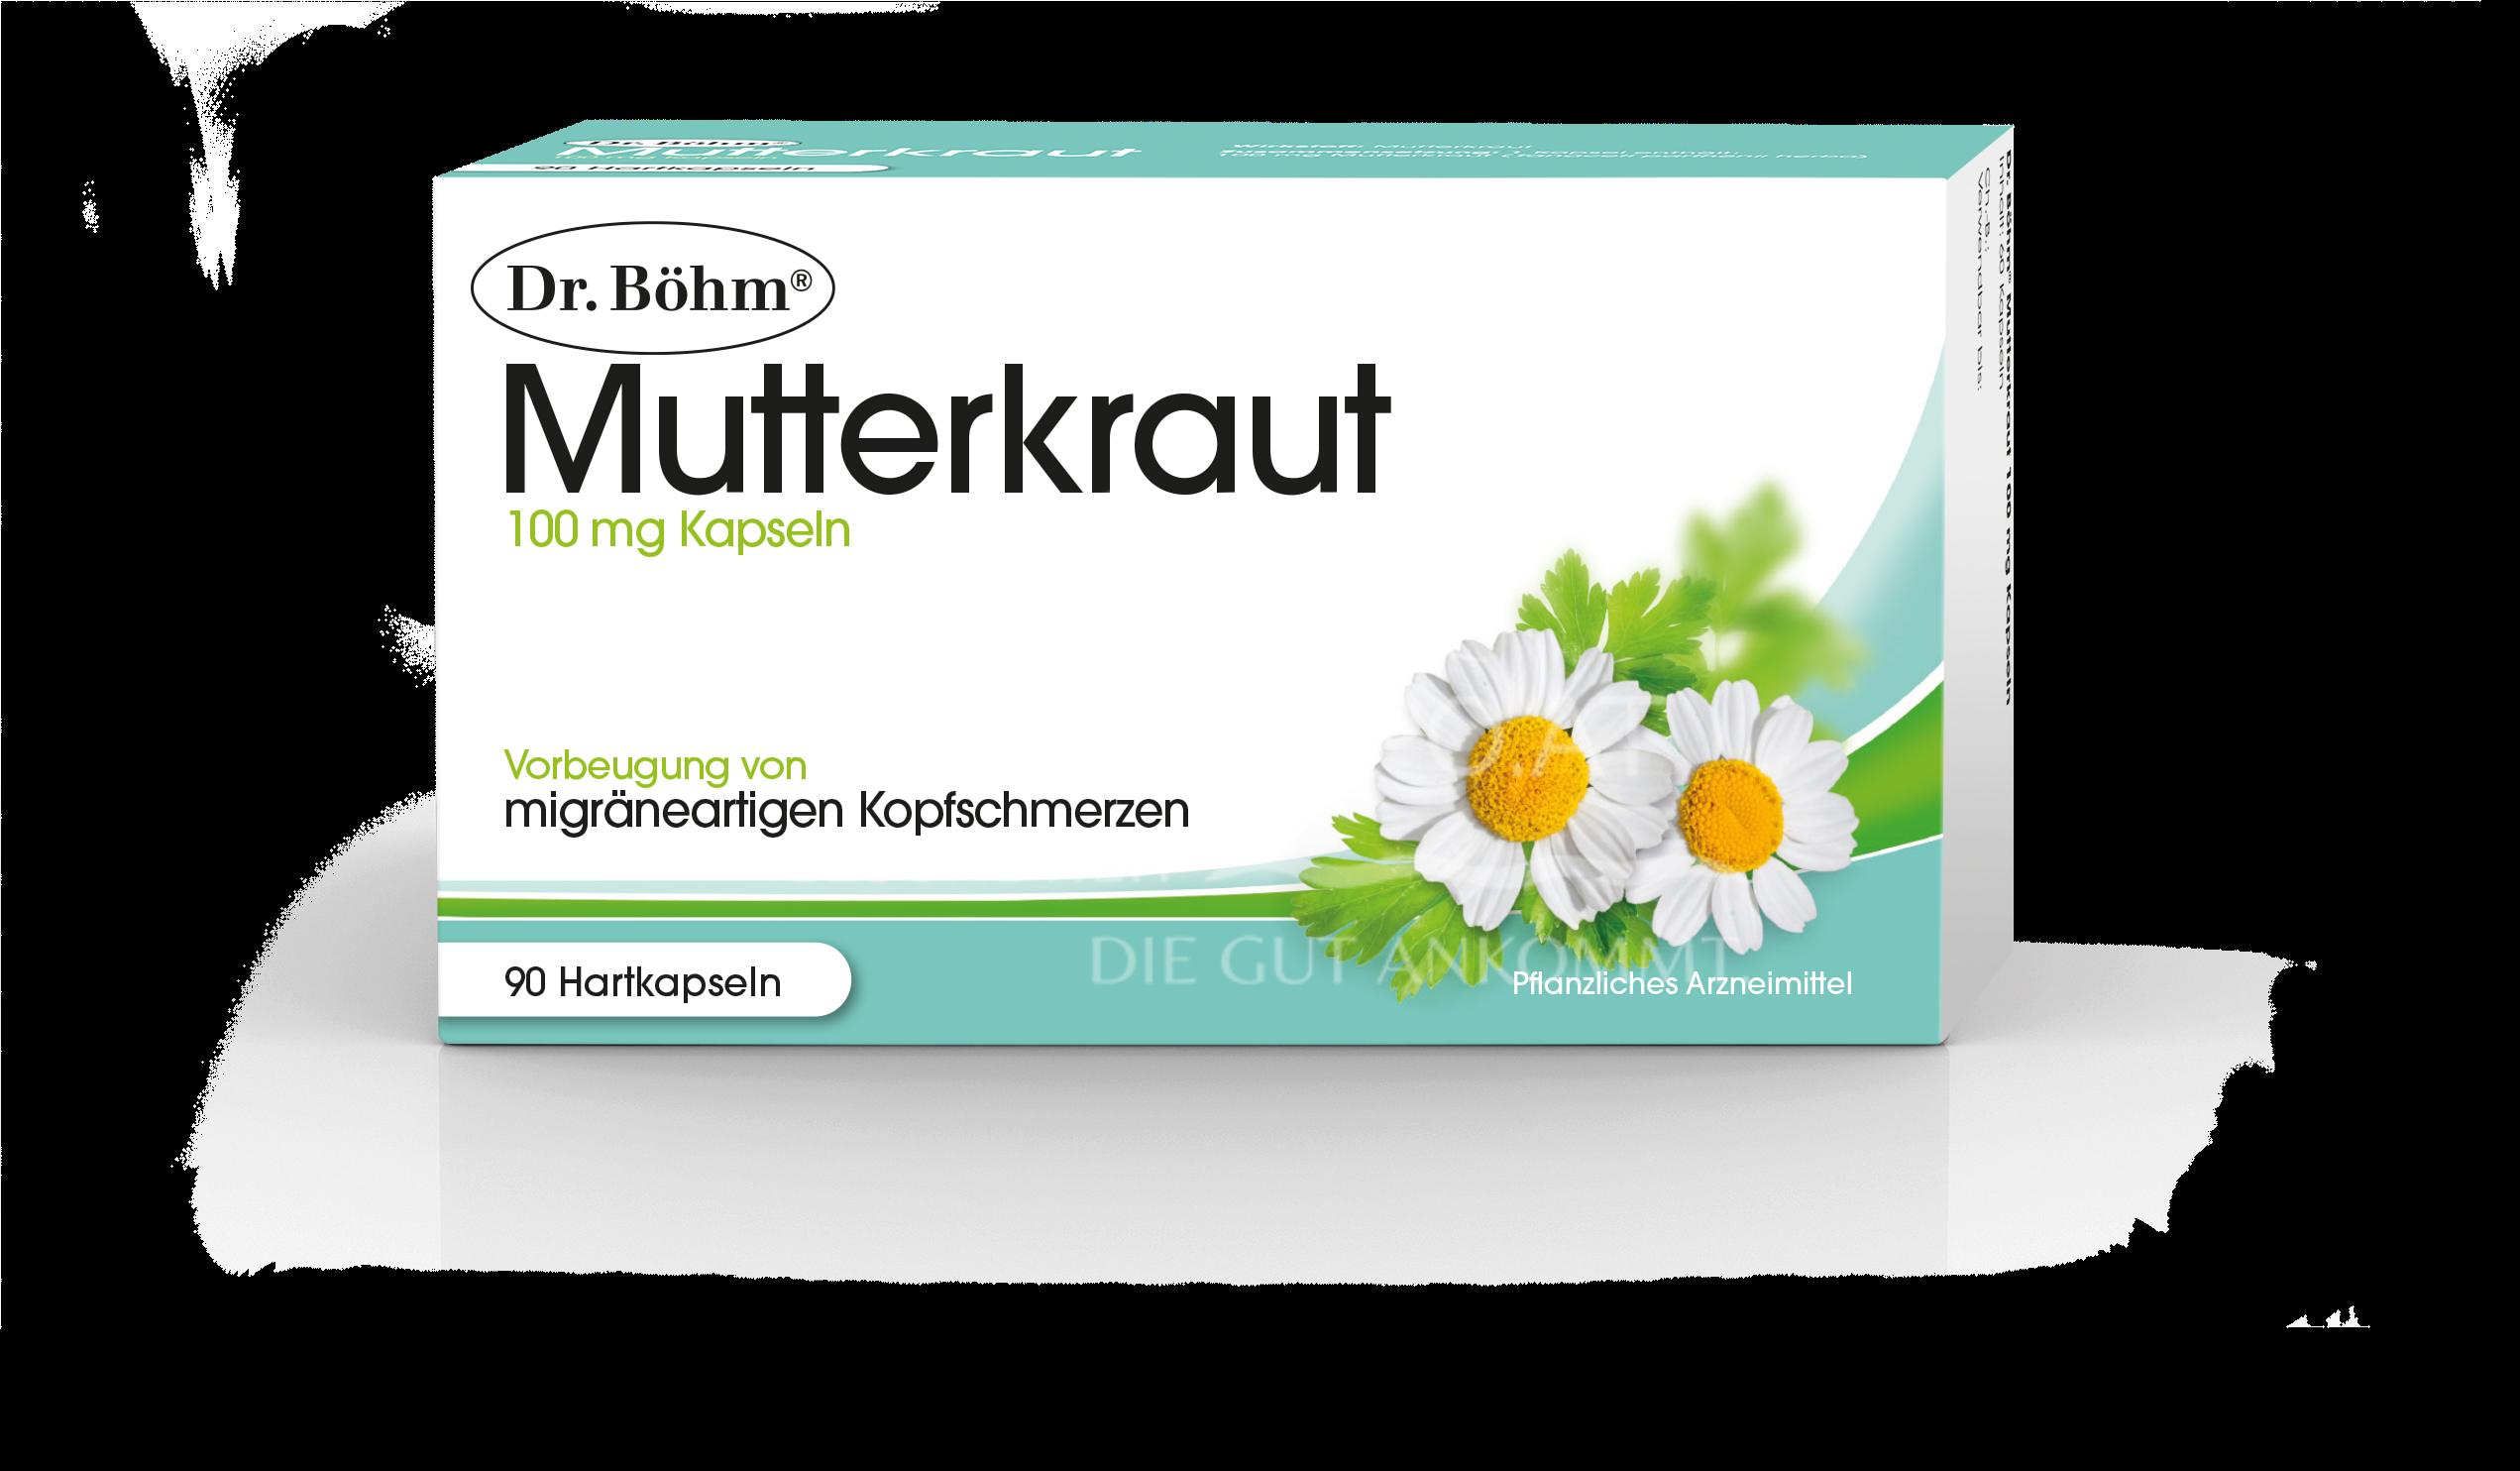 Dr. Böhm® Mutterkraut 100mg